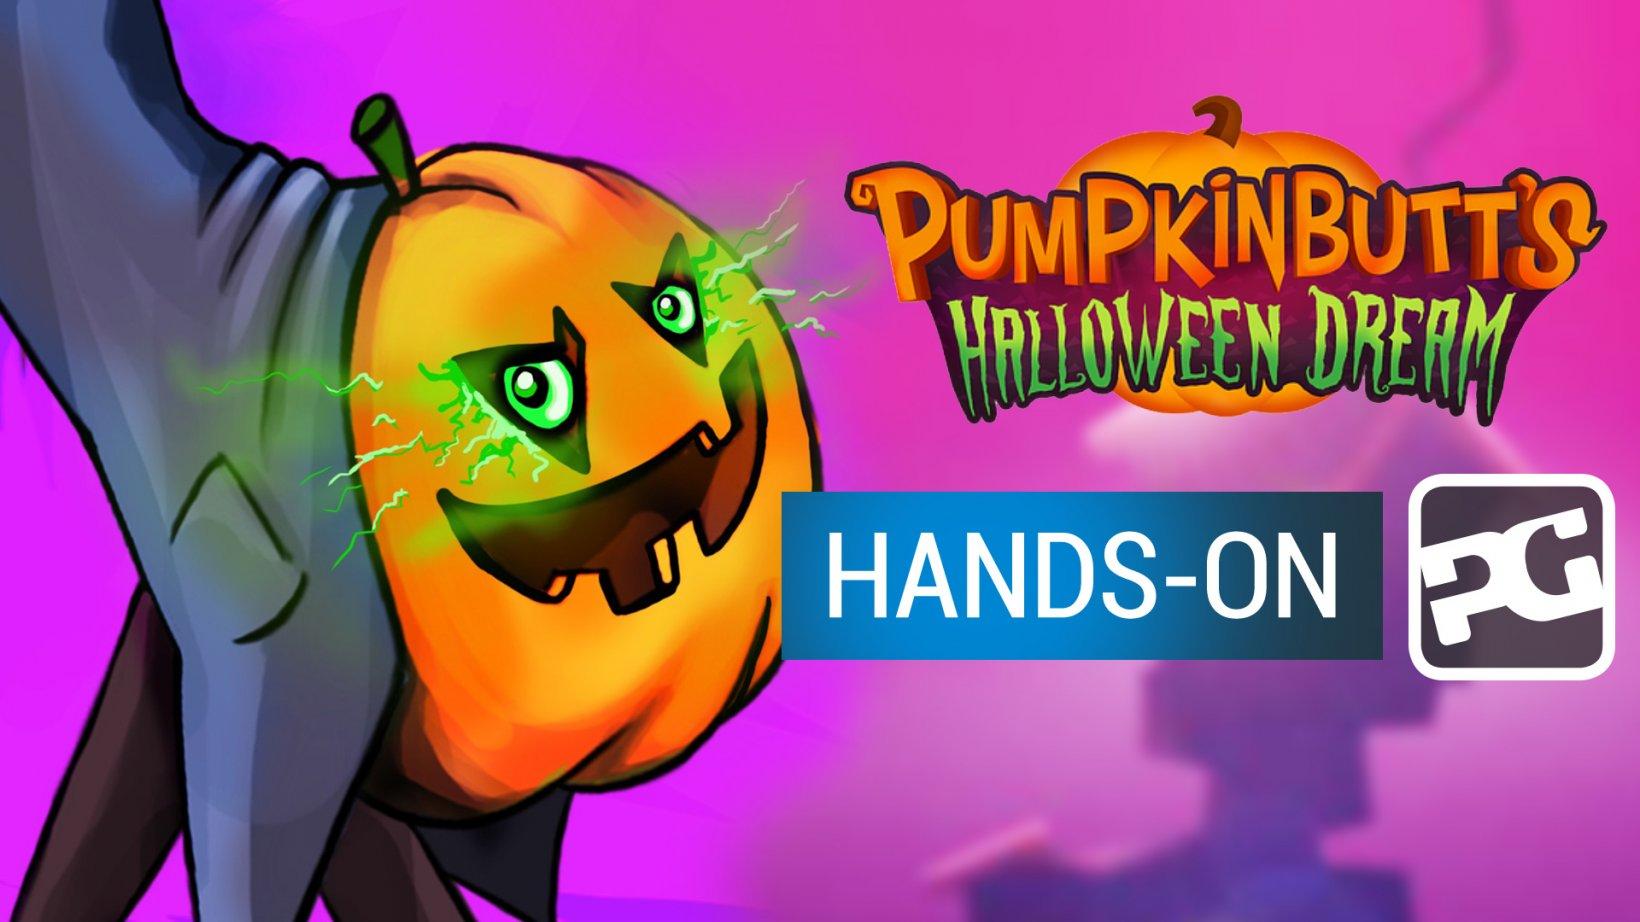 Pumpkinbutt's Halloween Dream gameplay video